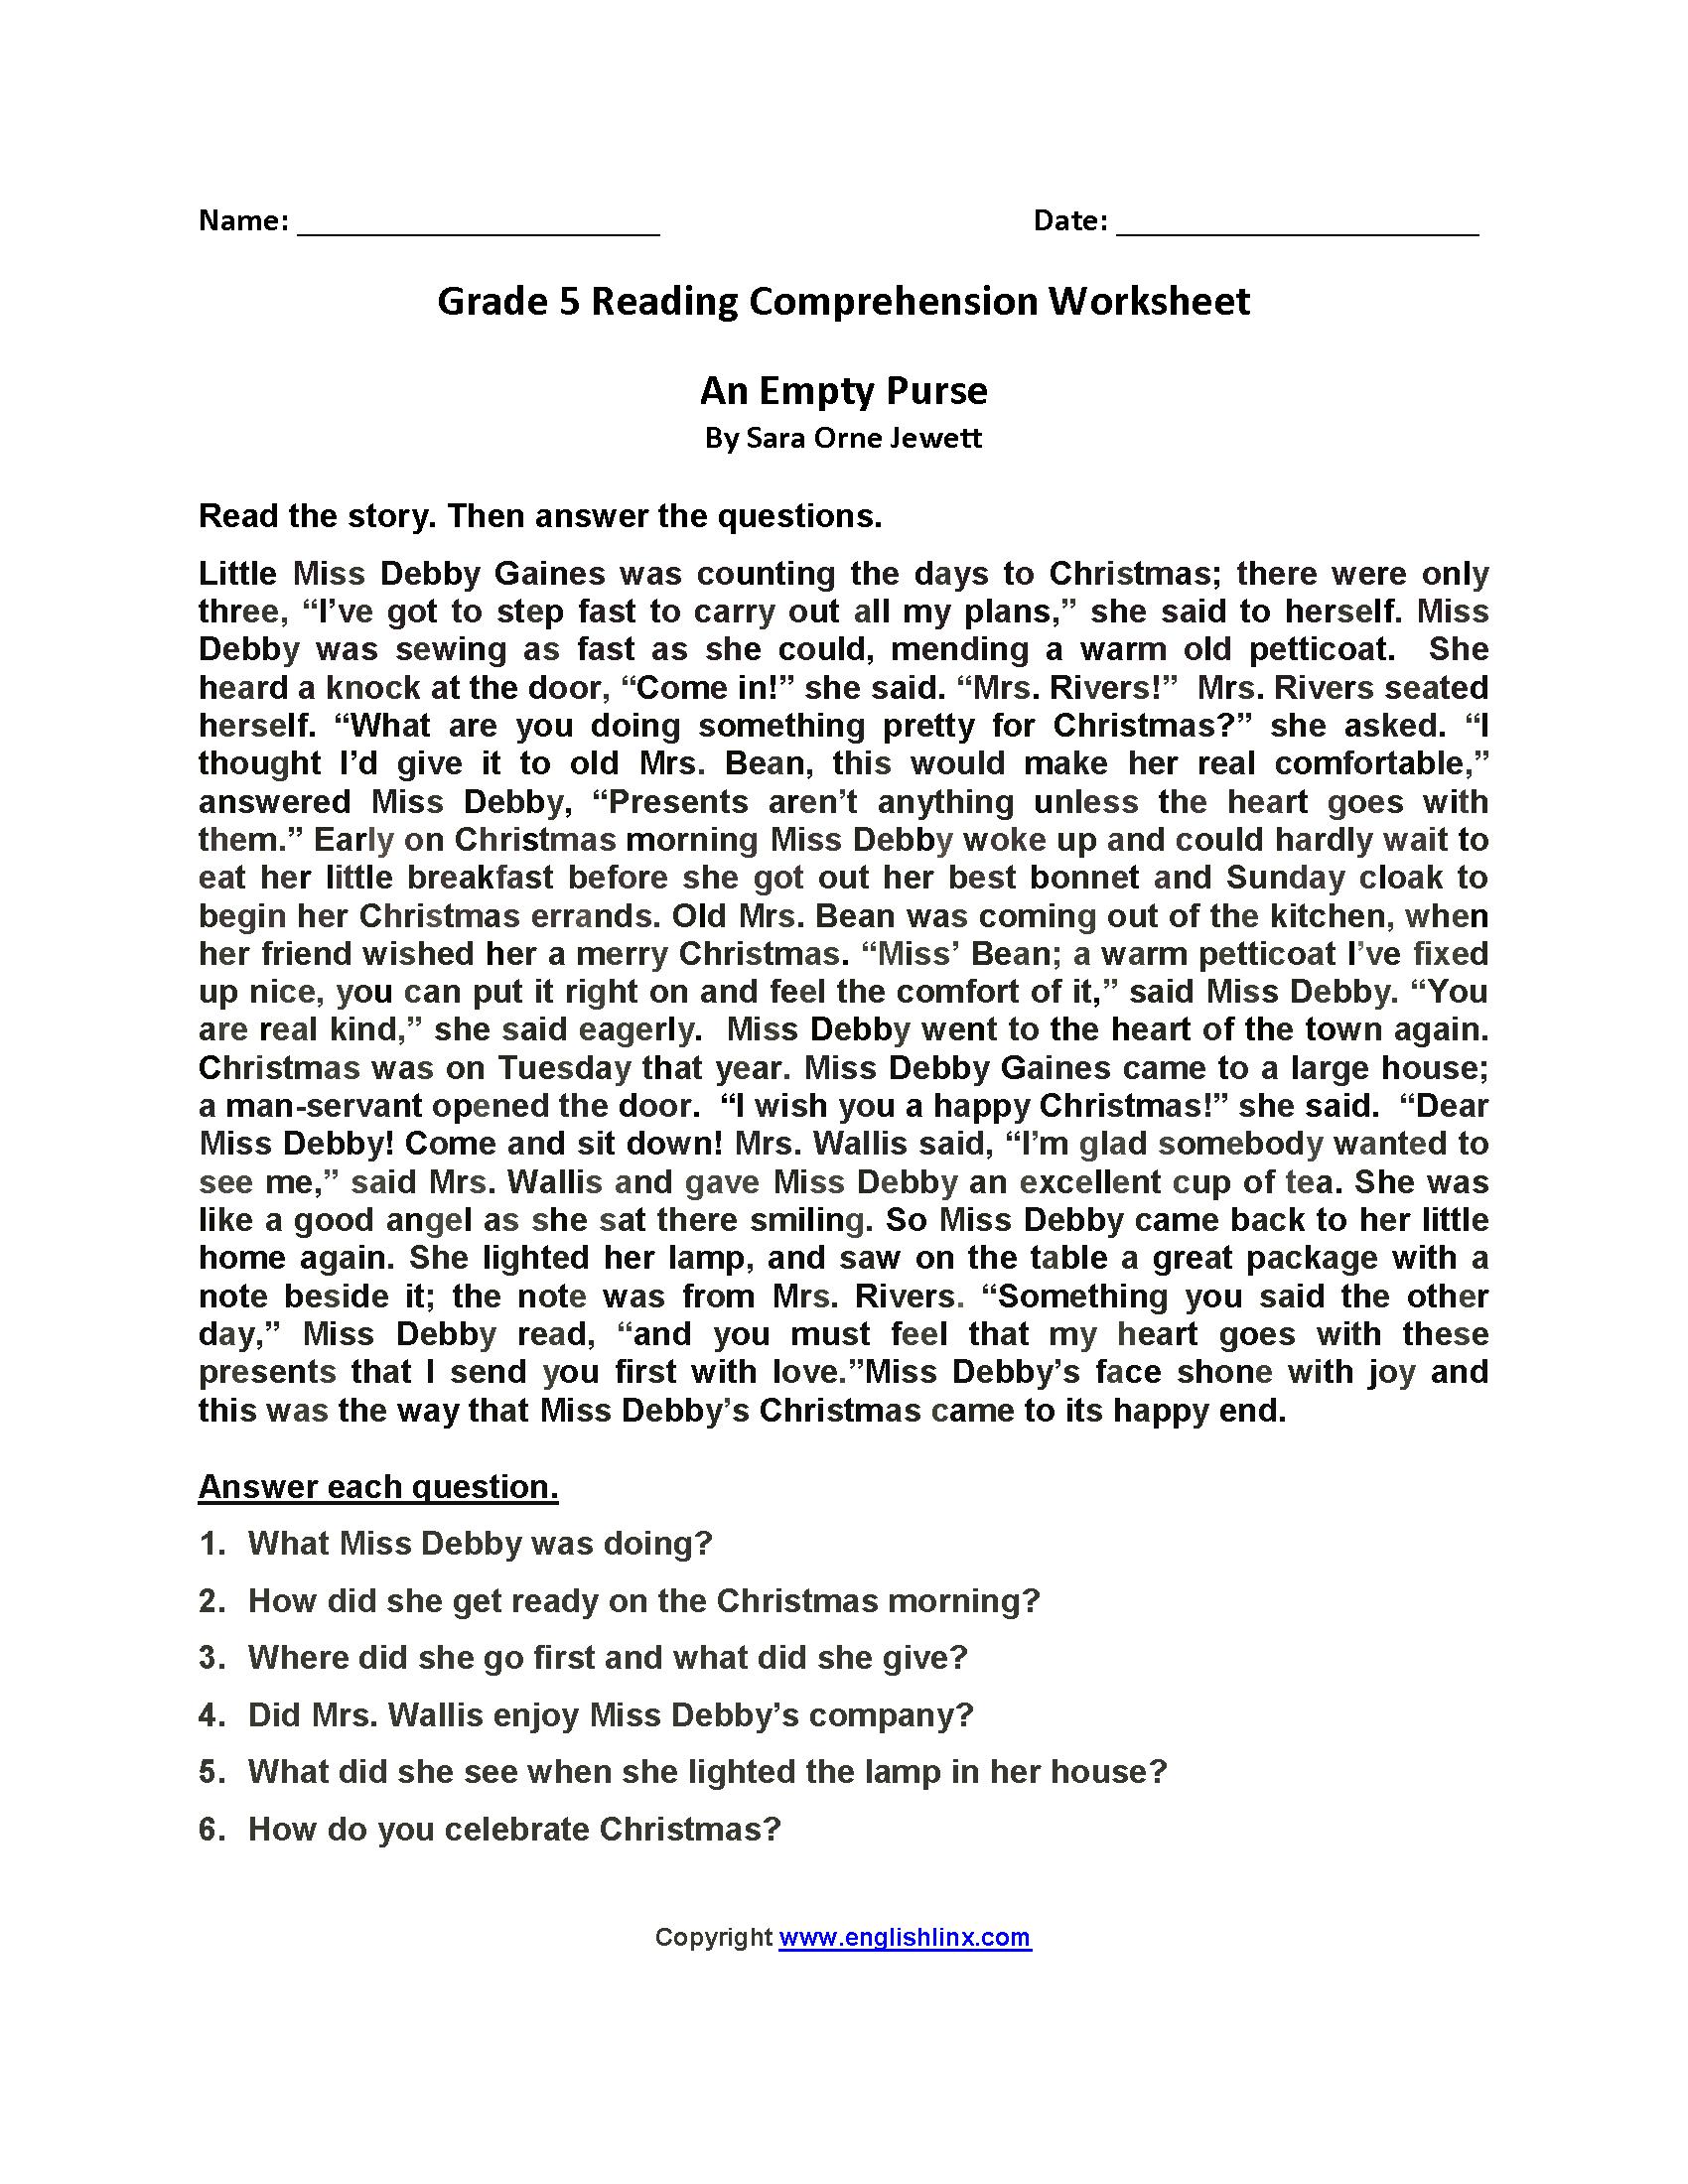 Grade 5 Reading Comprehension Worksheets Pdf